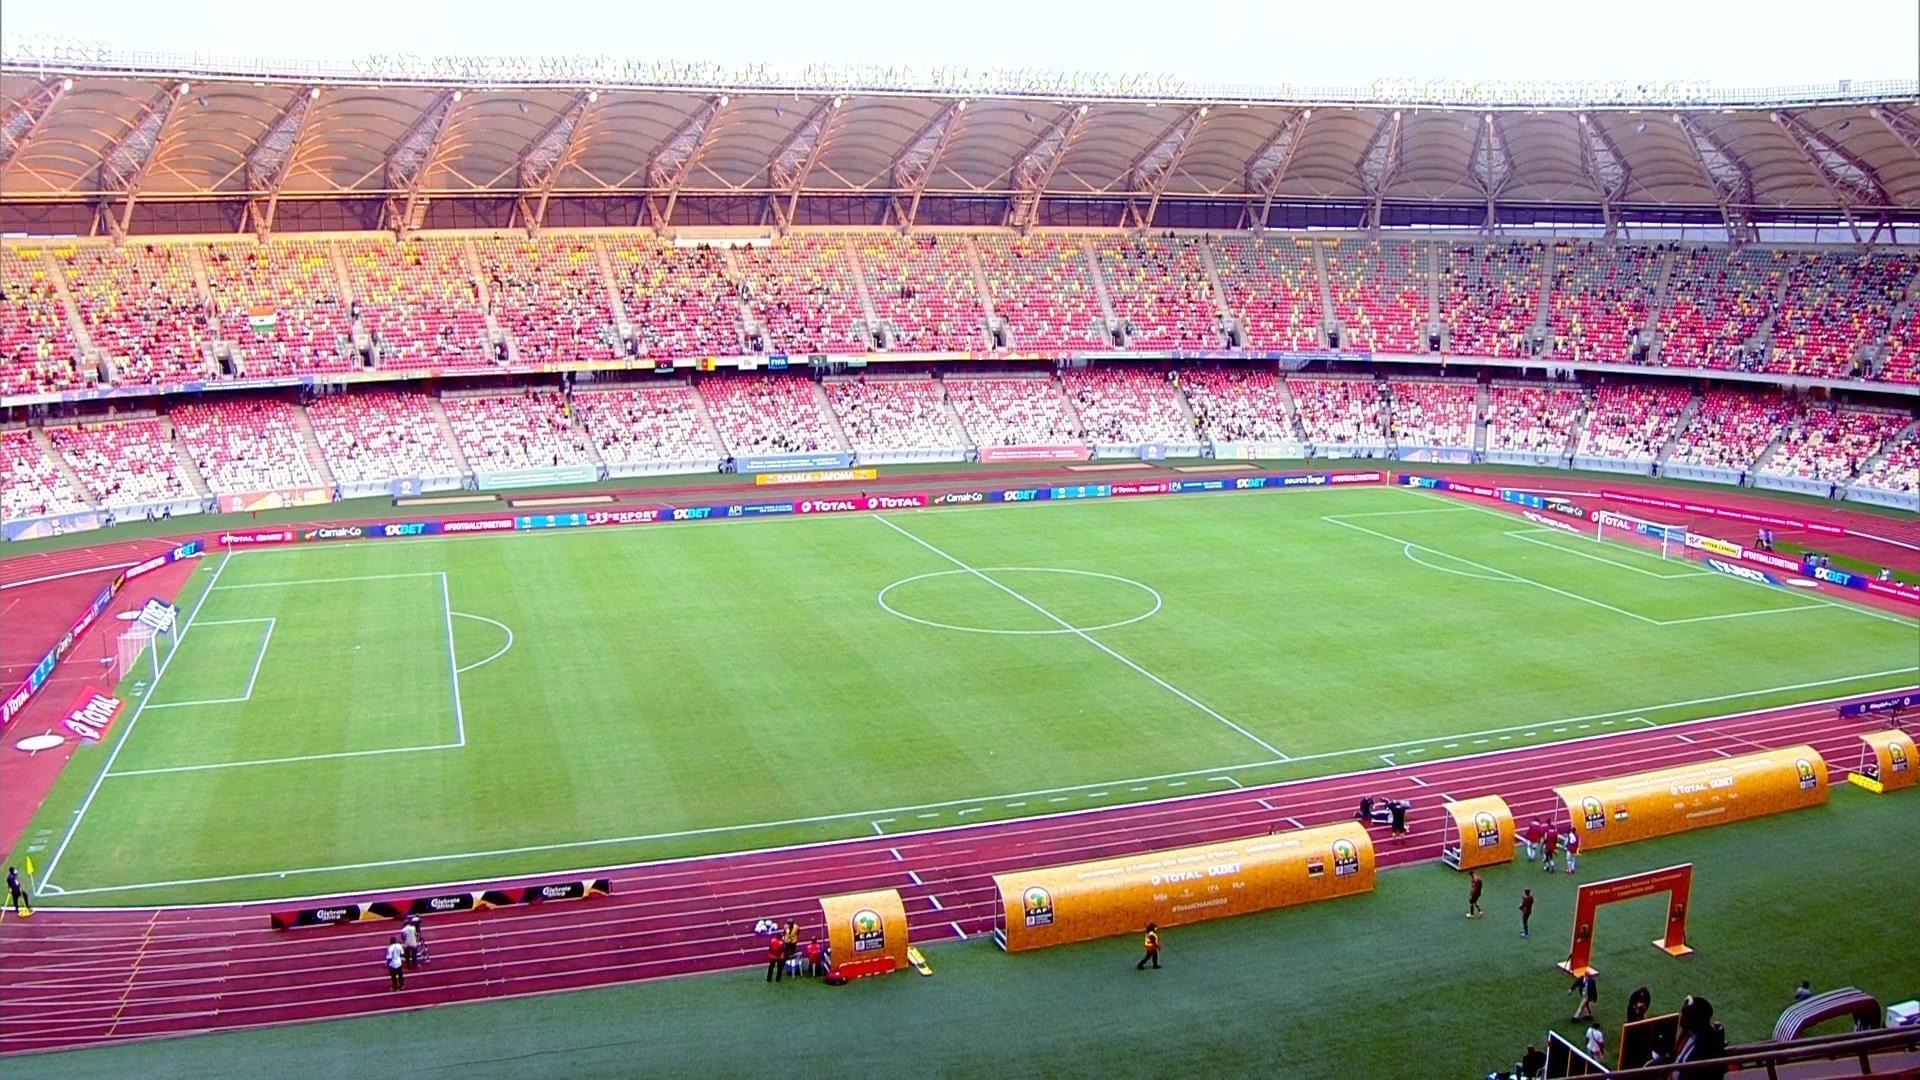 ملعب جاموبا دوالا بالكاميرون ، الذي سيحتض مباريات المجموعة الخامسة